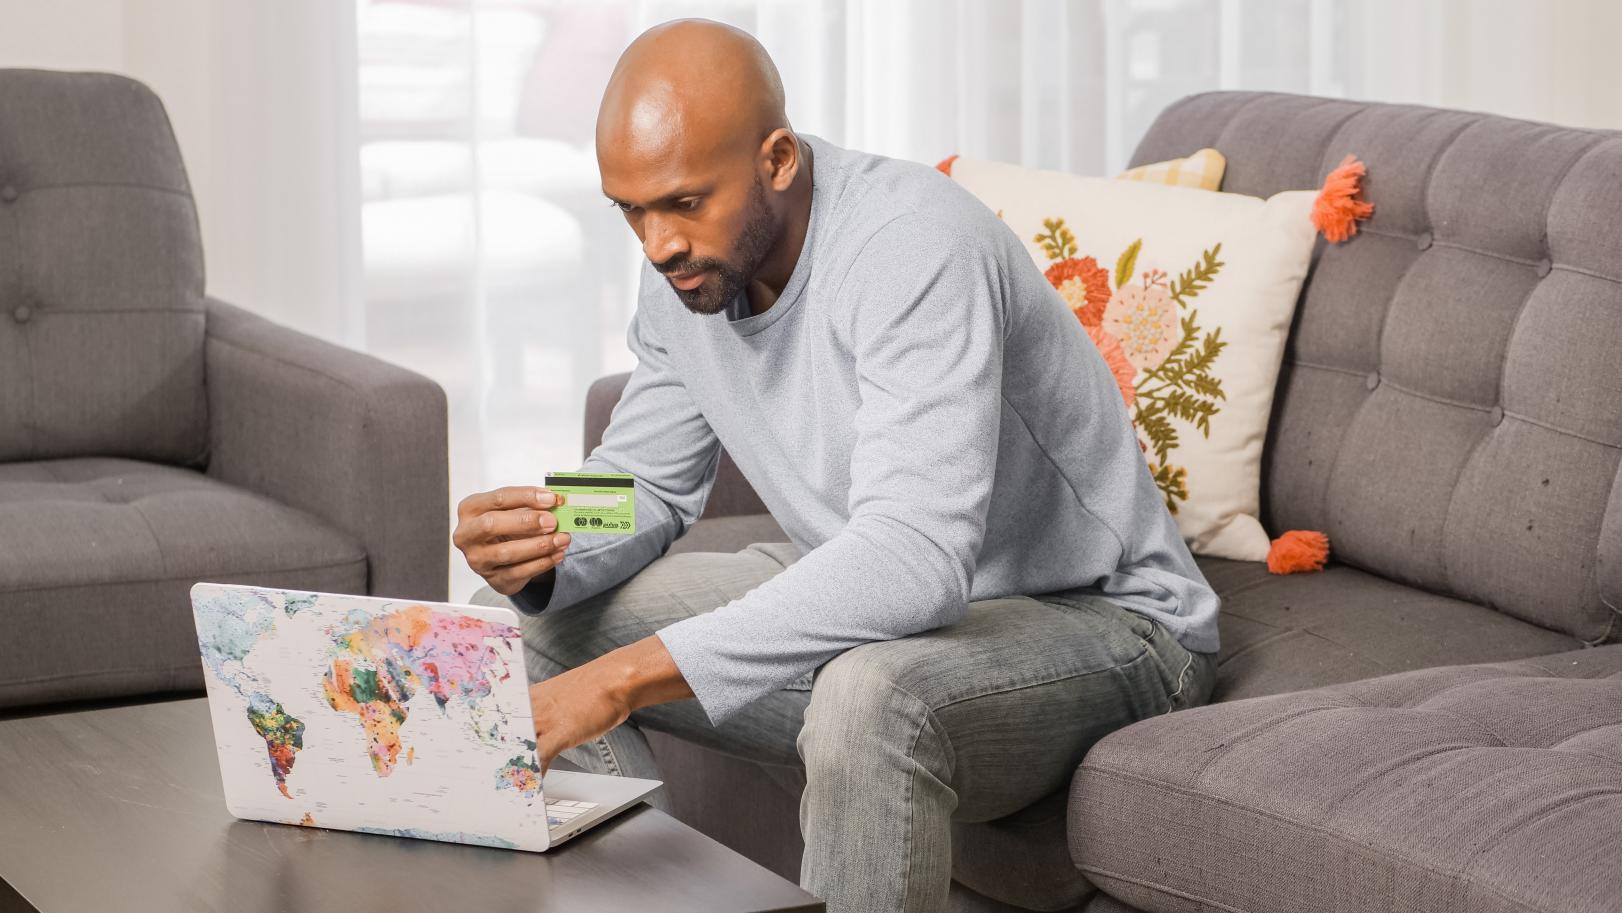 Consumidor de pequenos negócios pretende gastar até R$ 99 com presente do Dia das Mães